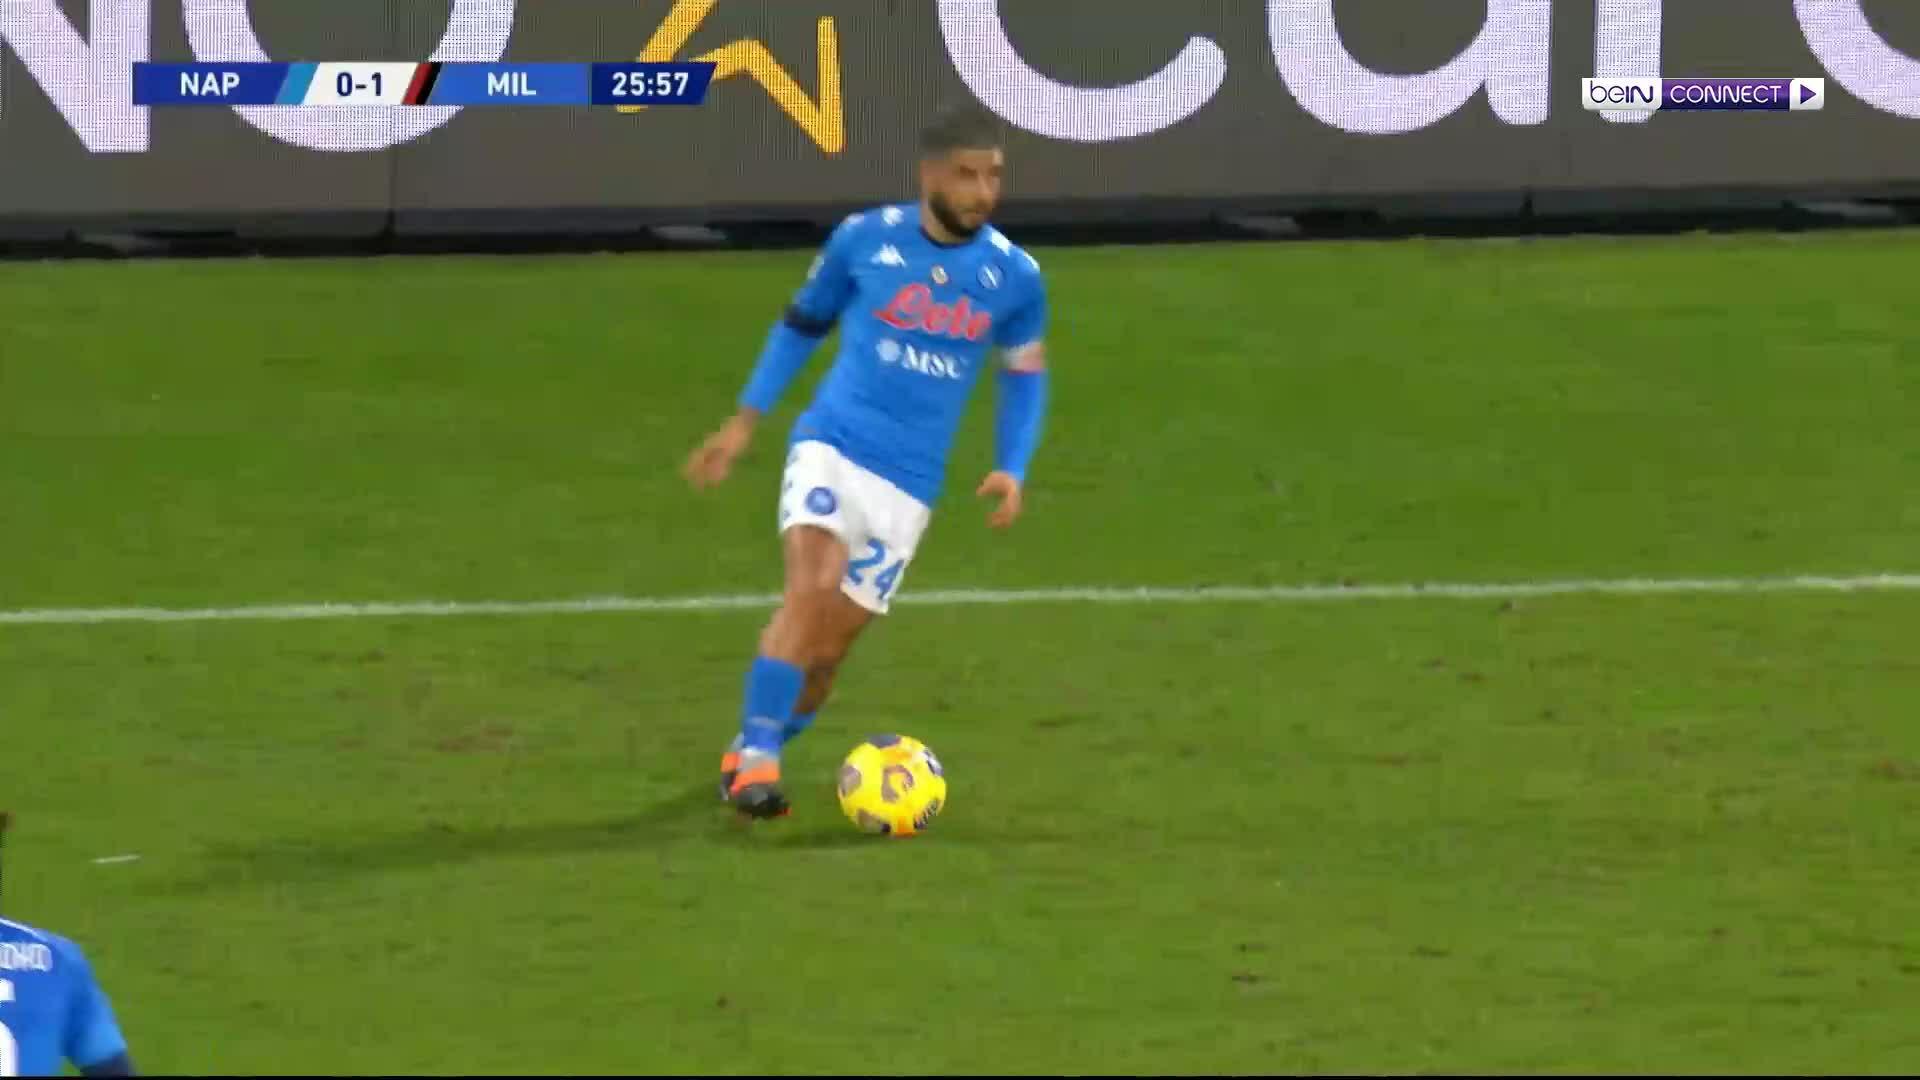 Napoli 1-3 AC Milan